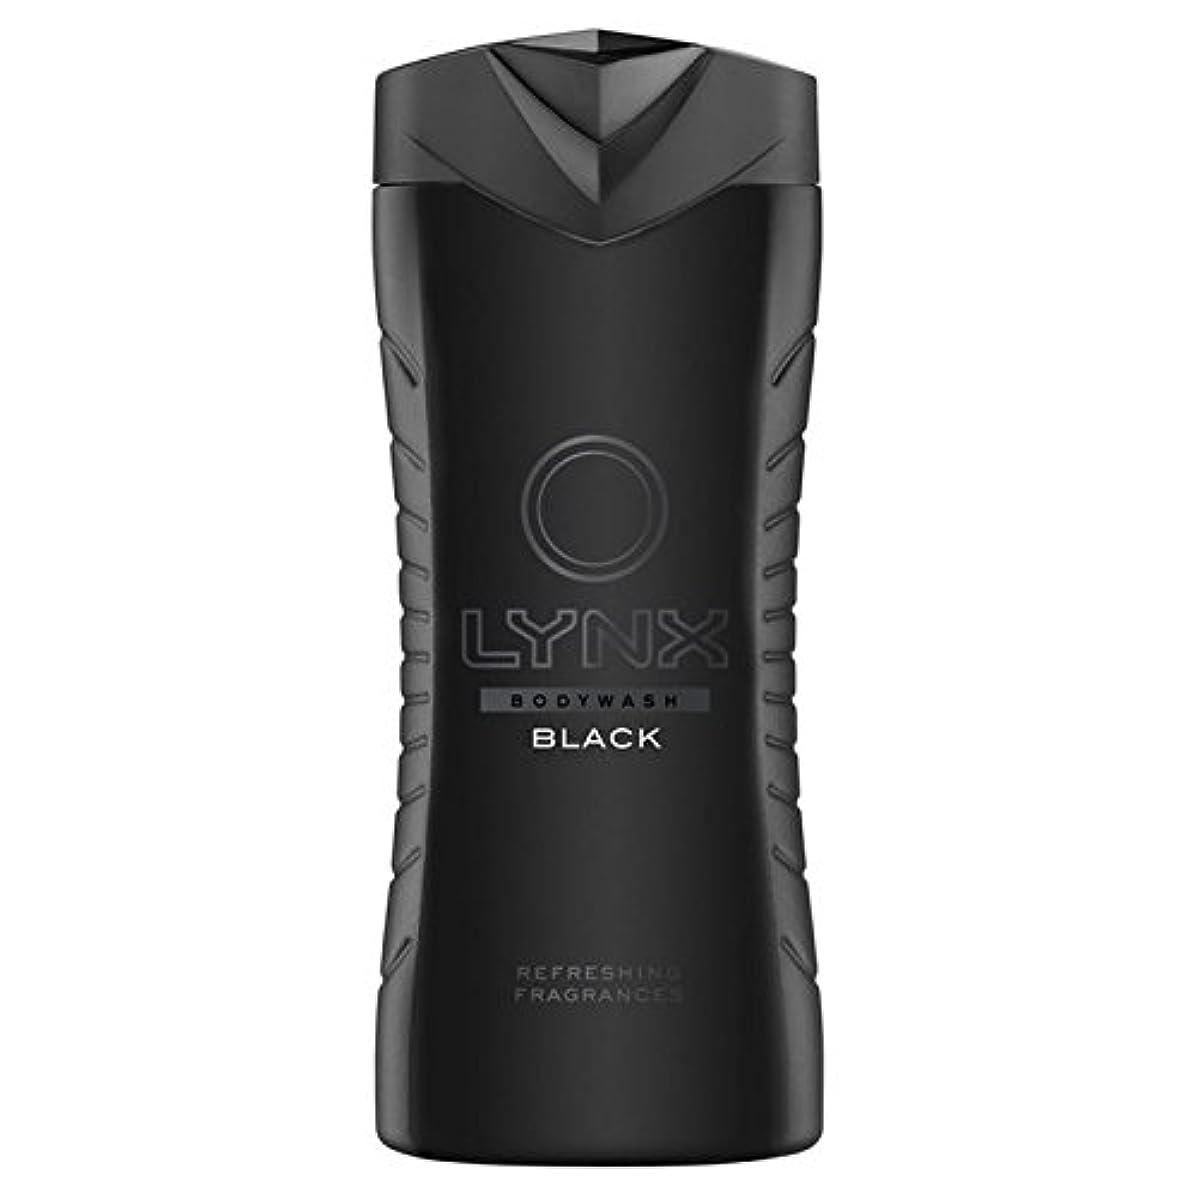 スロベニア金属苦しめるLynx Black Shower Gel 400ml - オオヤマネコブラックシャワージェル400ミリリットル [並行輸入品]